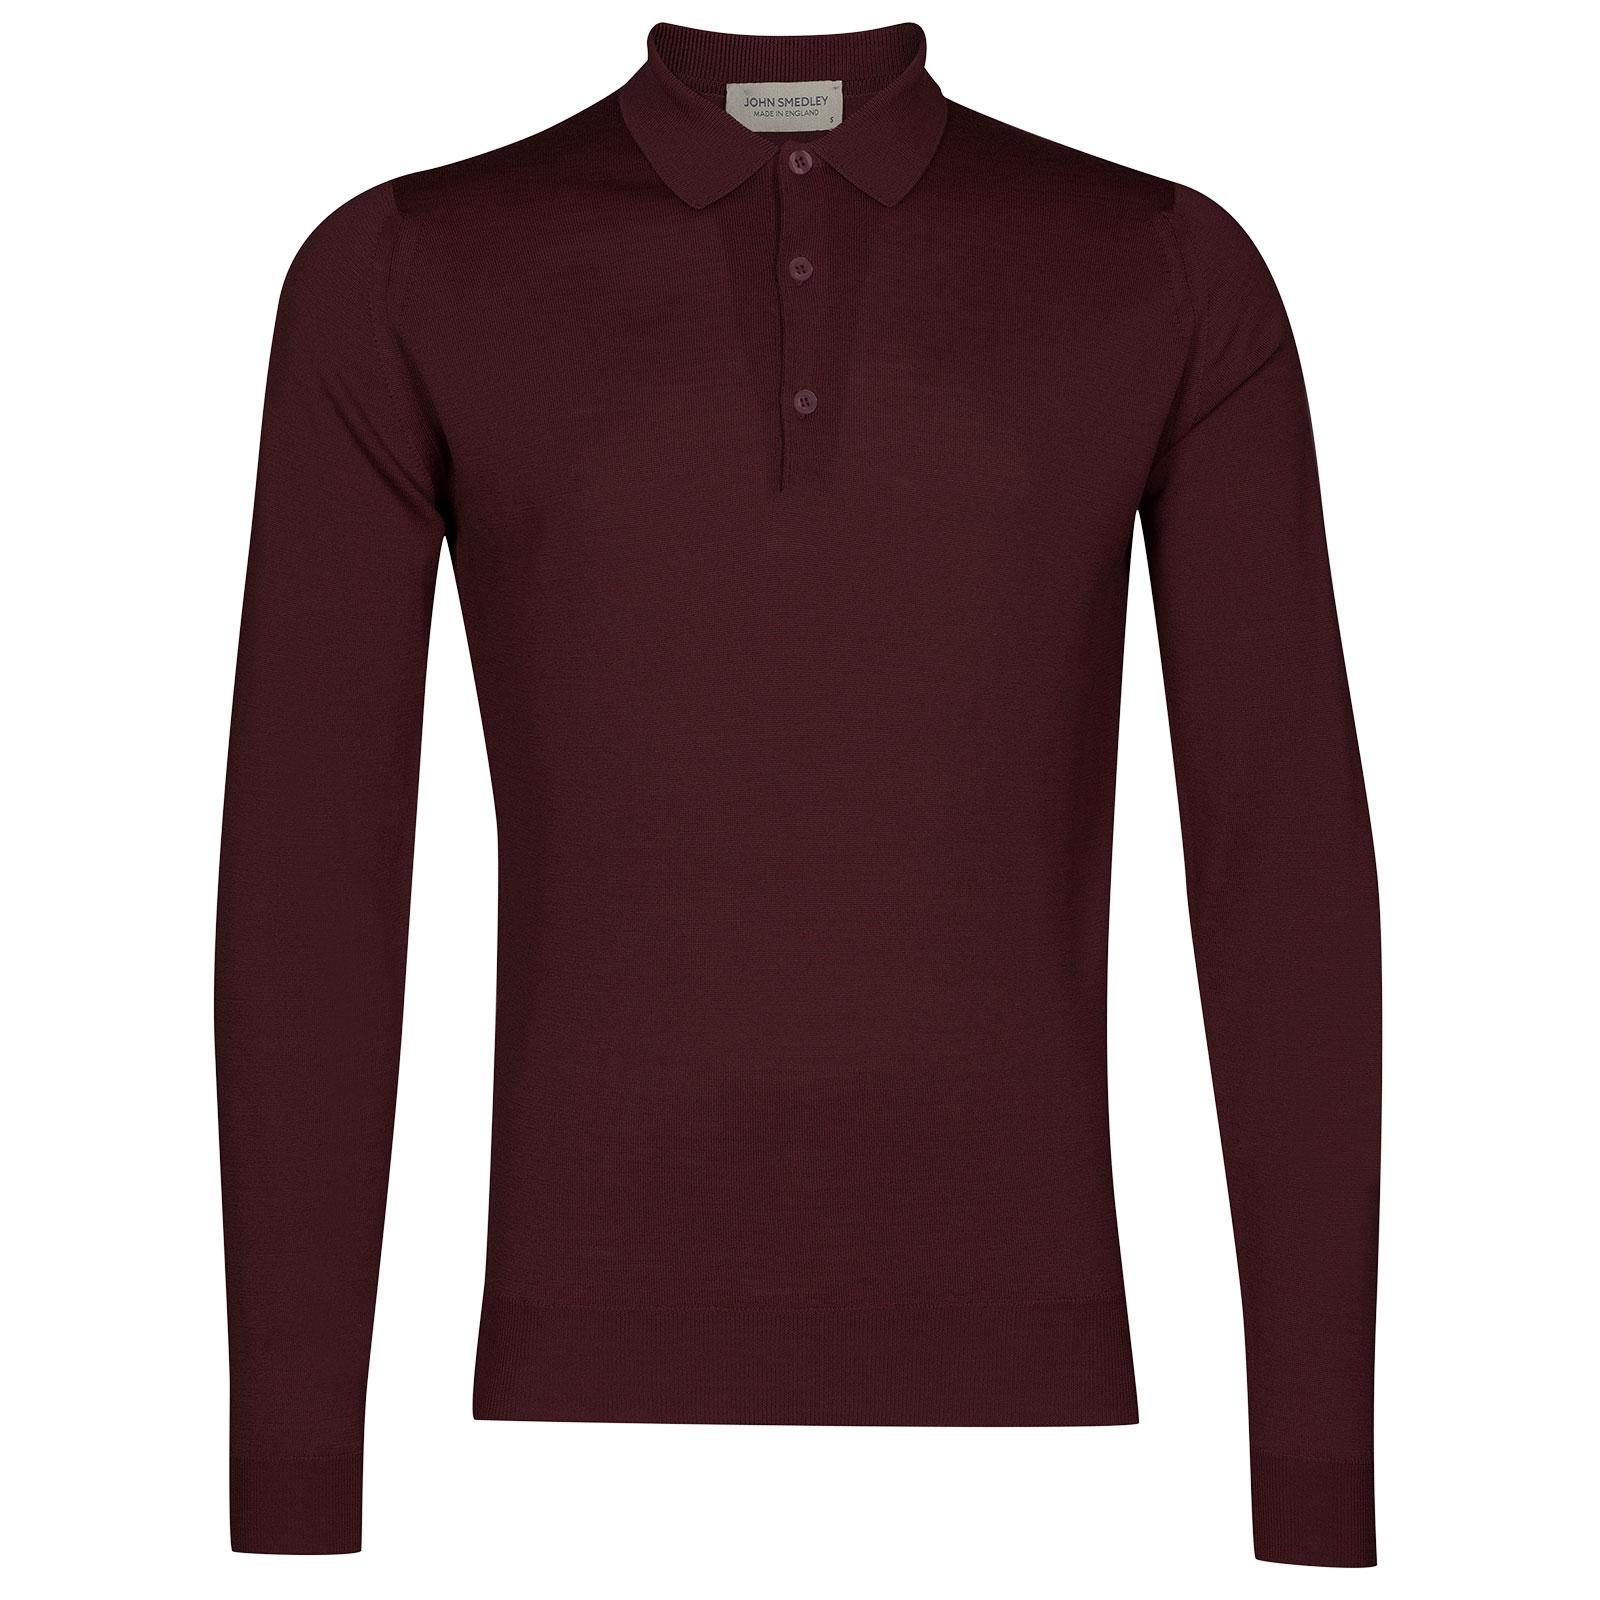 John Smedley belper Merino Wool Shirt in Maroon Blaze-L